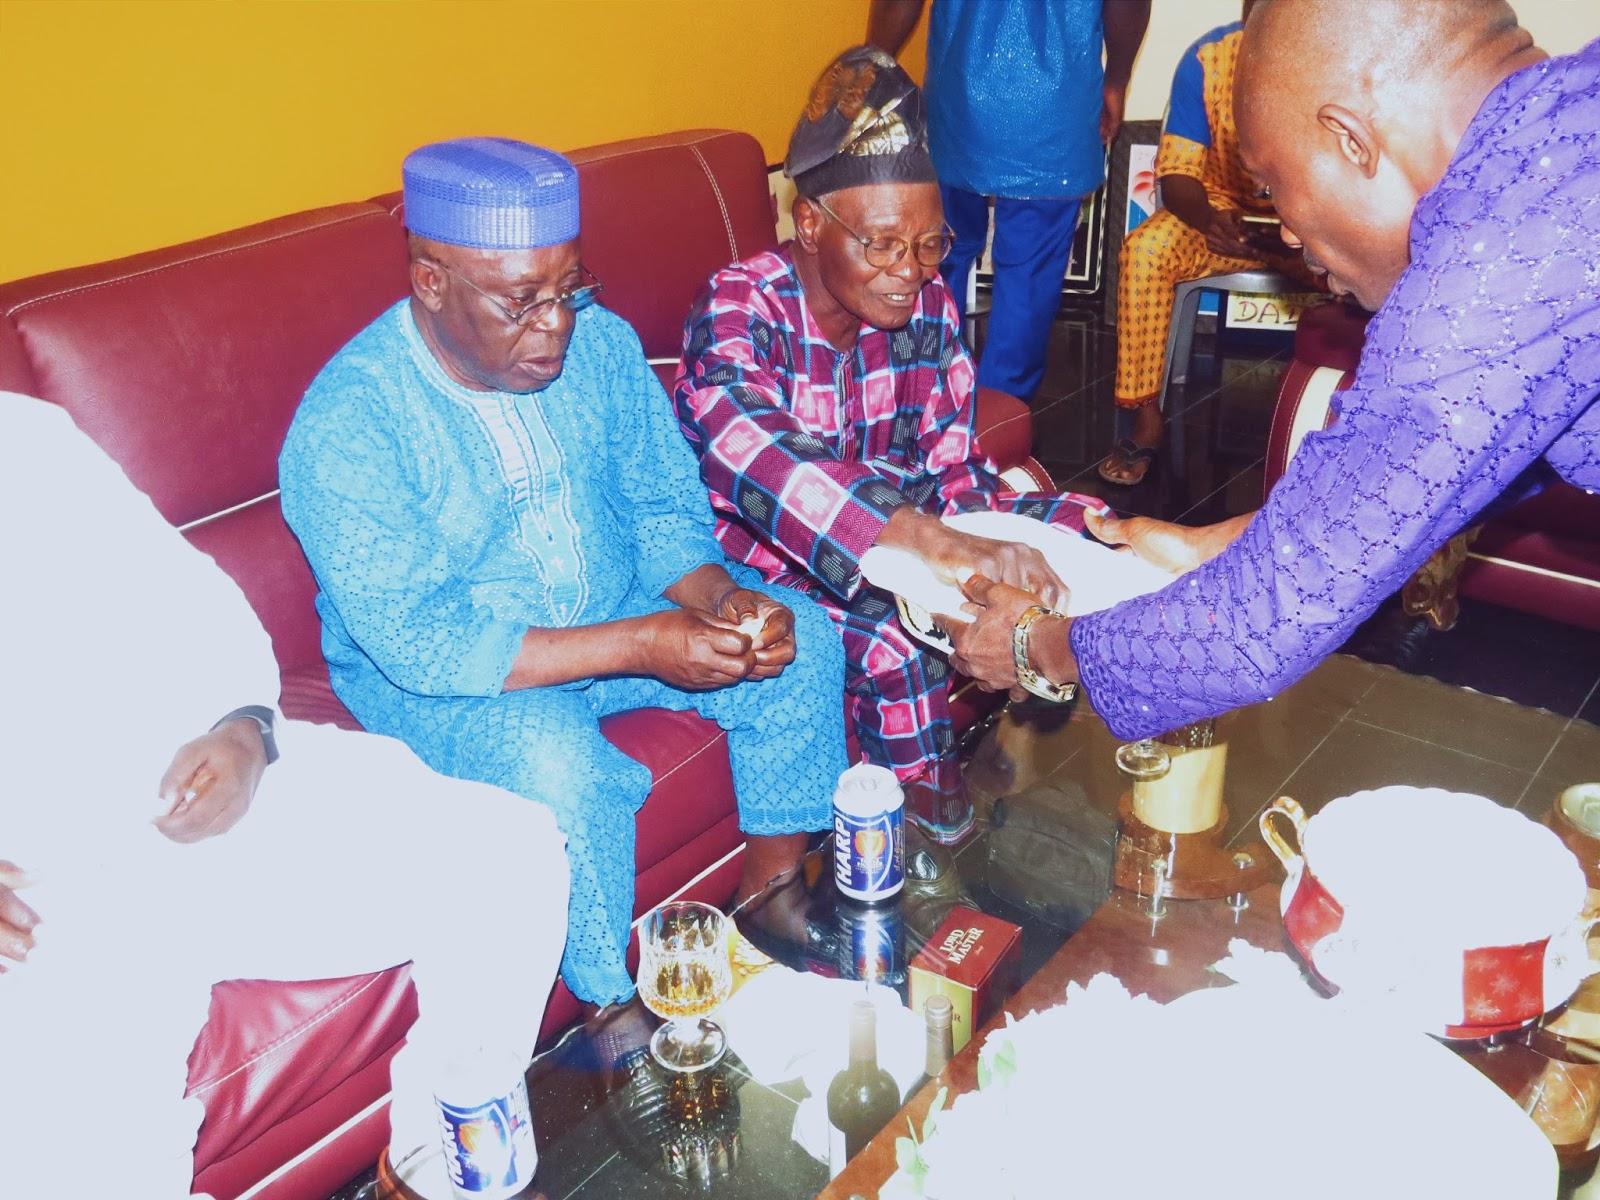 Bini. bini marriage, bini traditional marriage, Edo marriage, Edo attire, edo traditional rites, Benin marriage, Bini bride, Bini bridal attire, Bini tradition, Bini wedding, Bini couple, kola nut